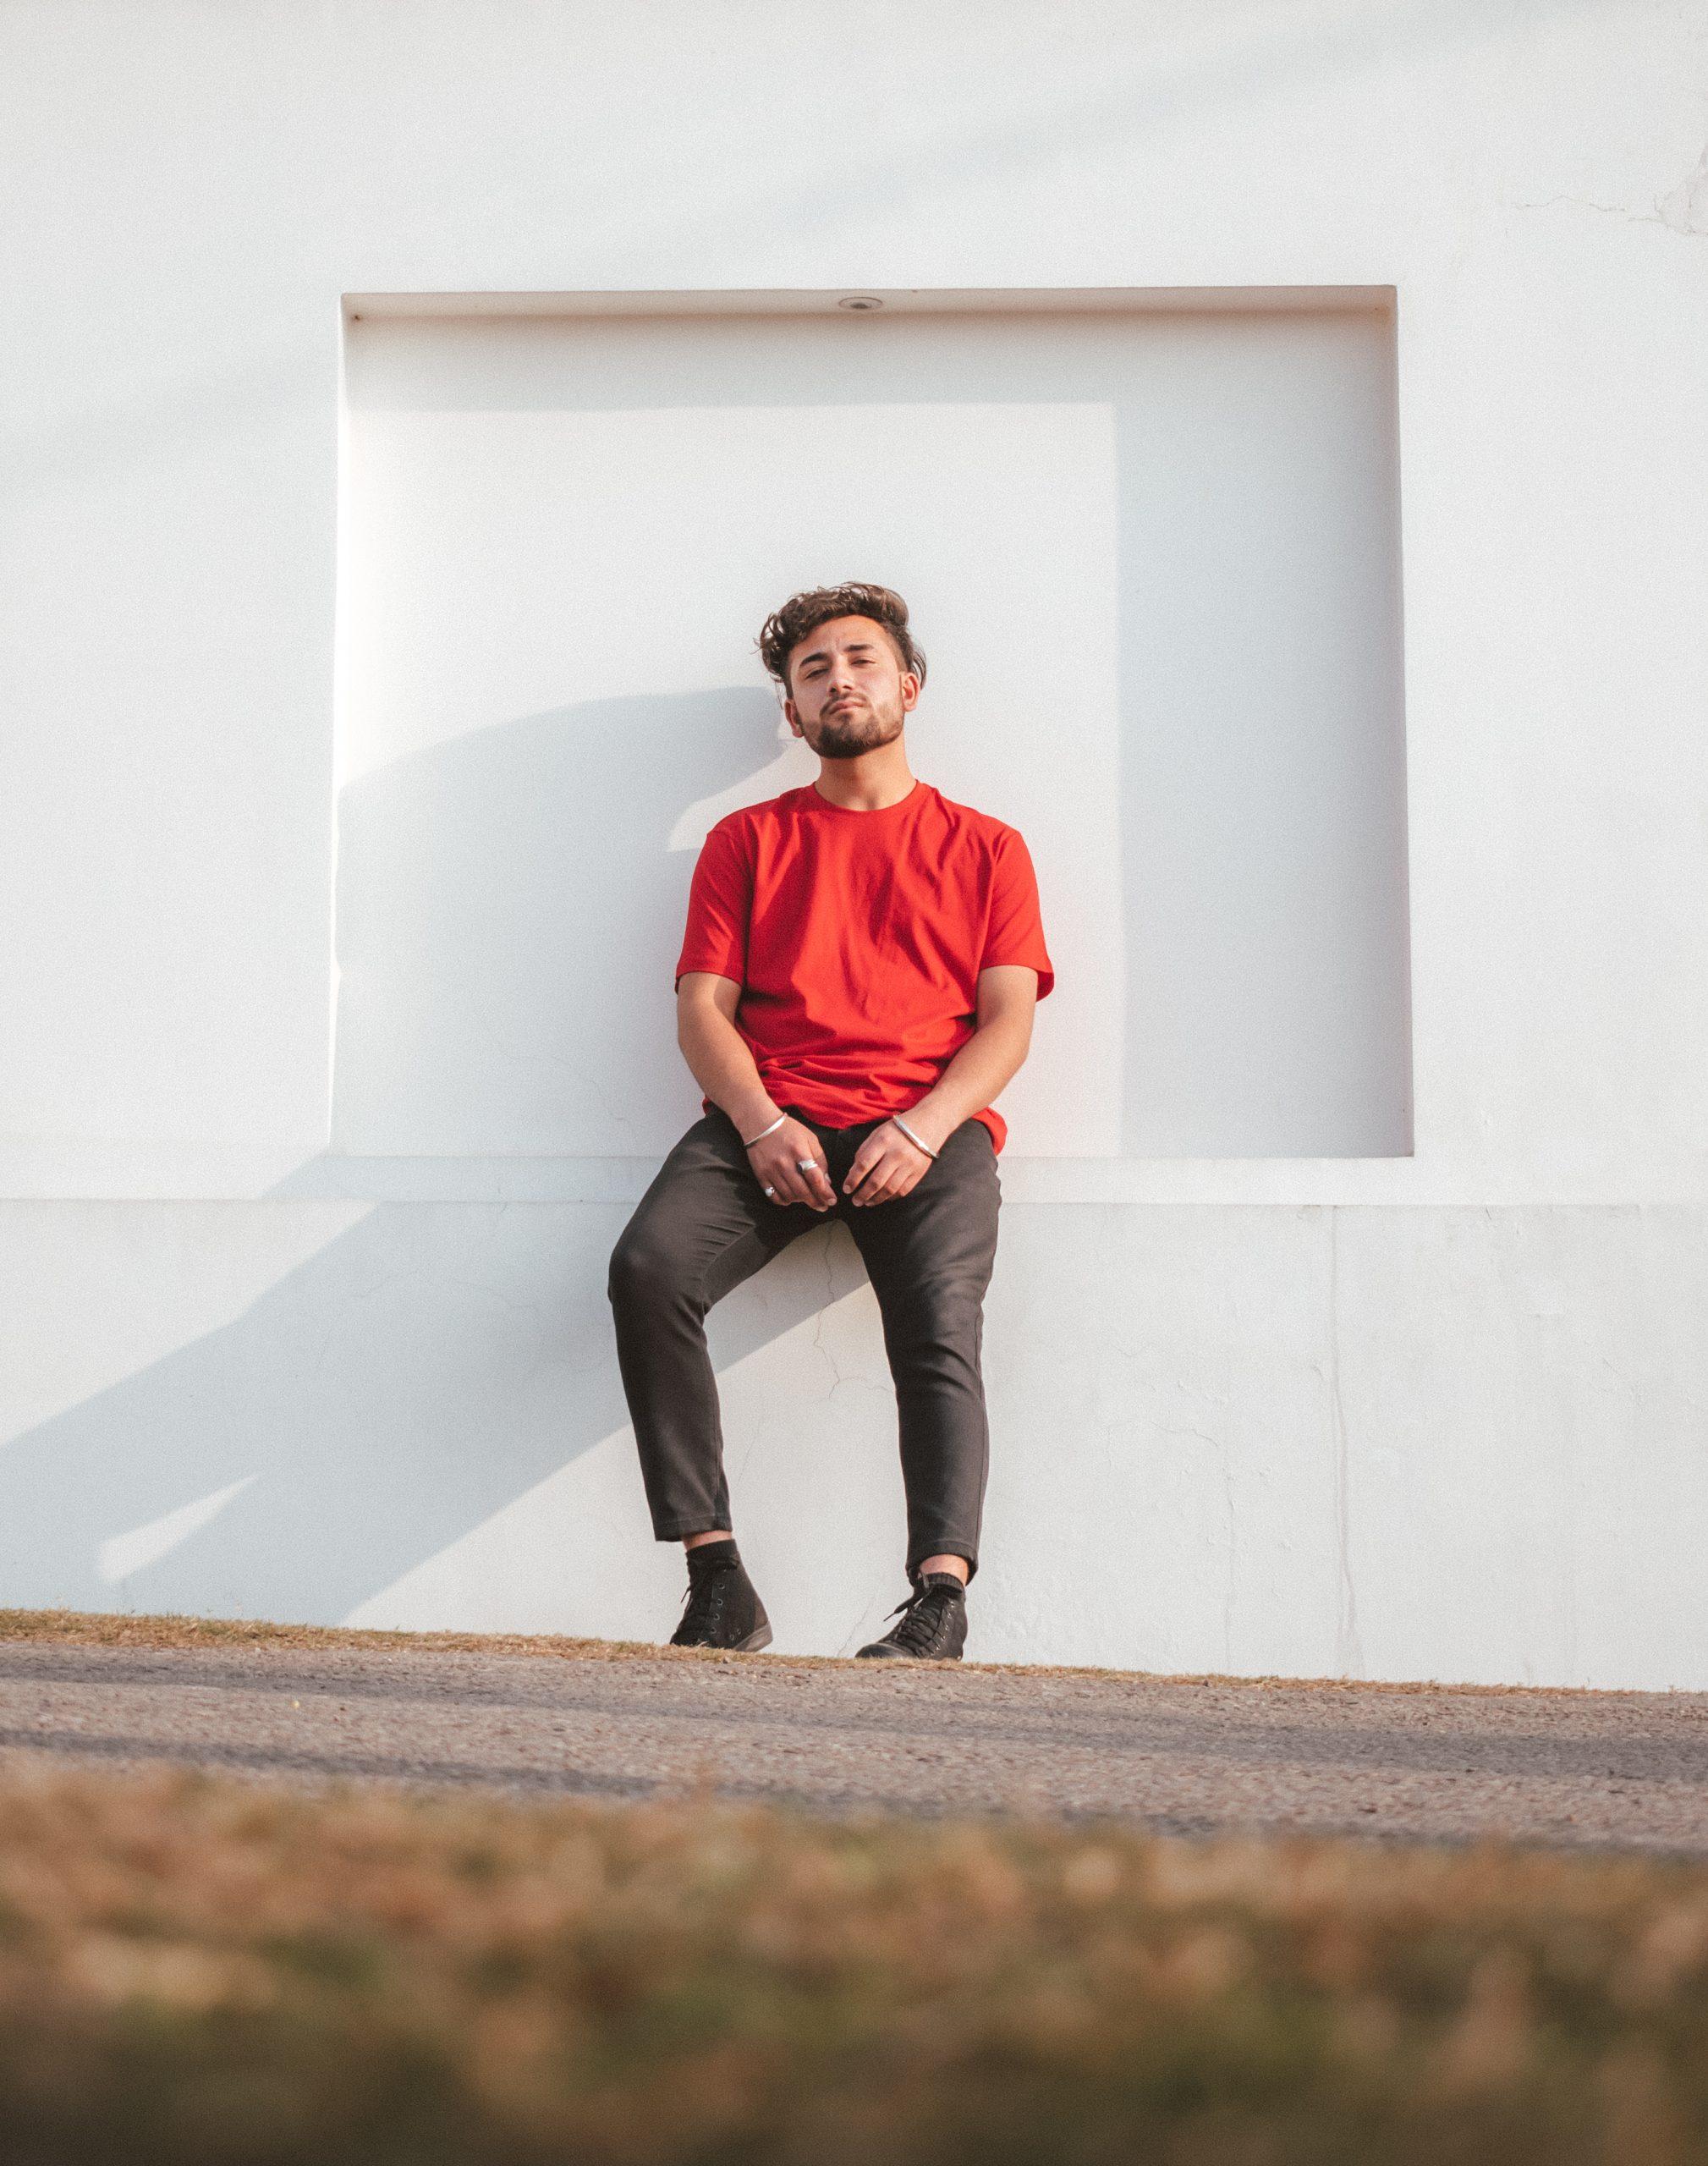 A boy near a wall